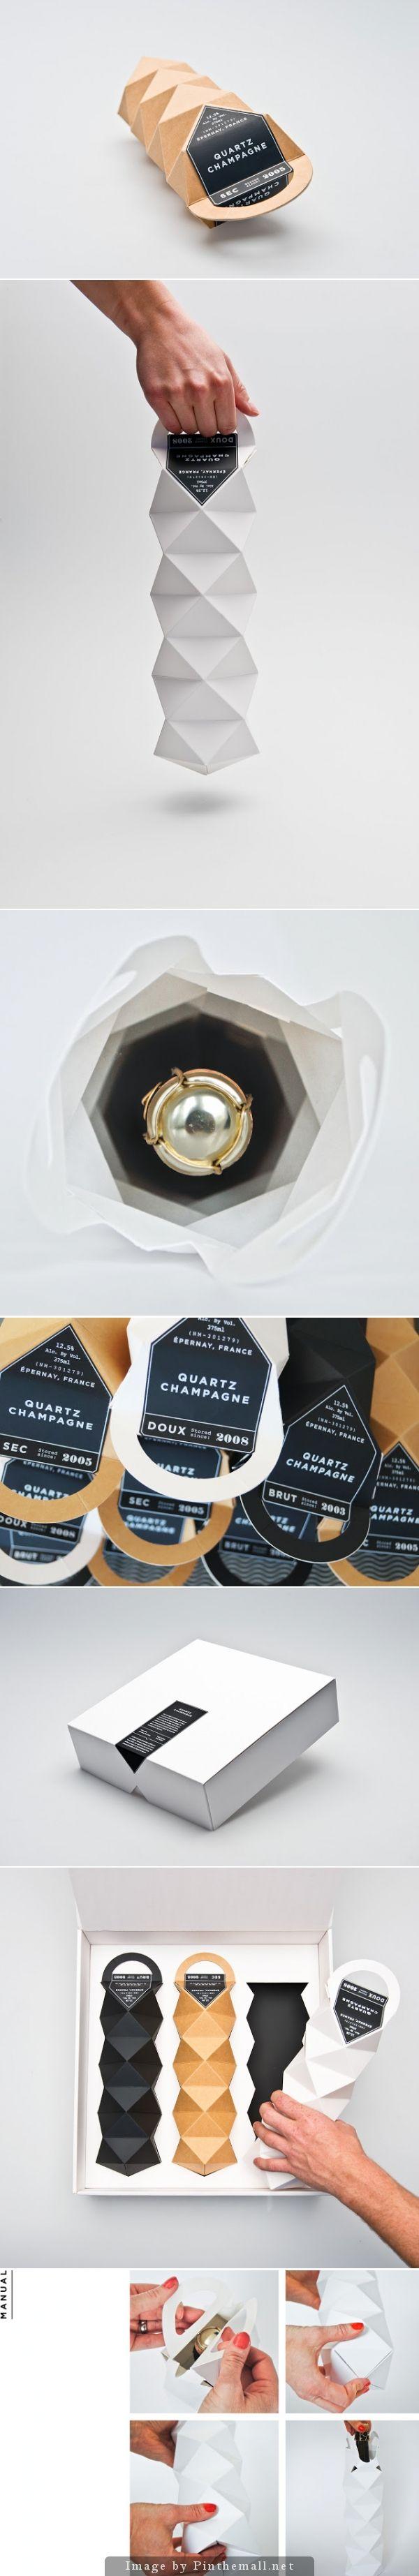 Quartz Champagne (Student Project) by Max Molitor & Cajza Nyden